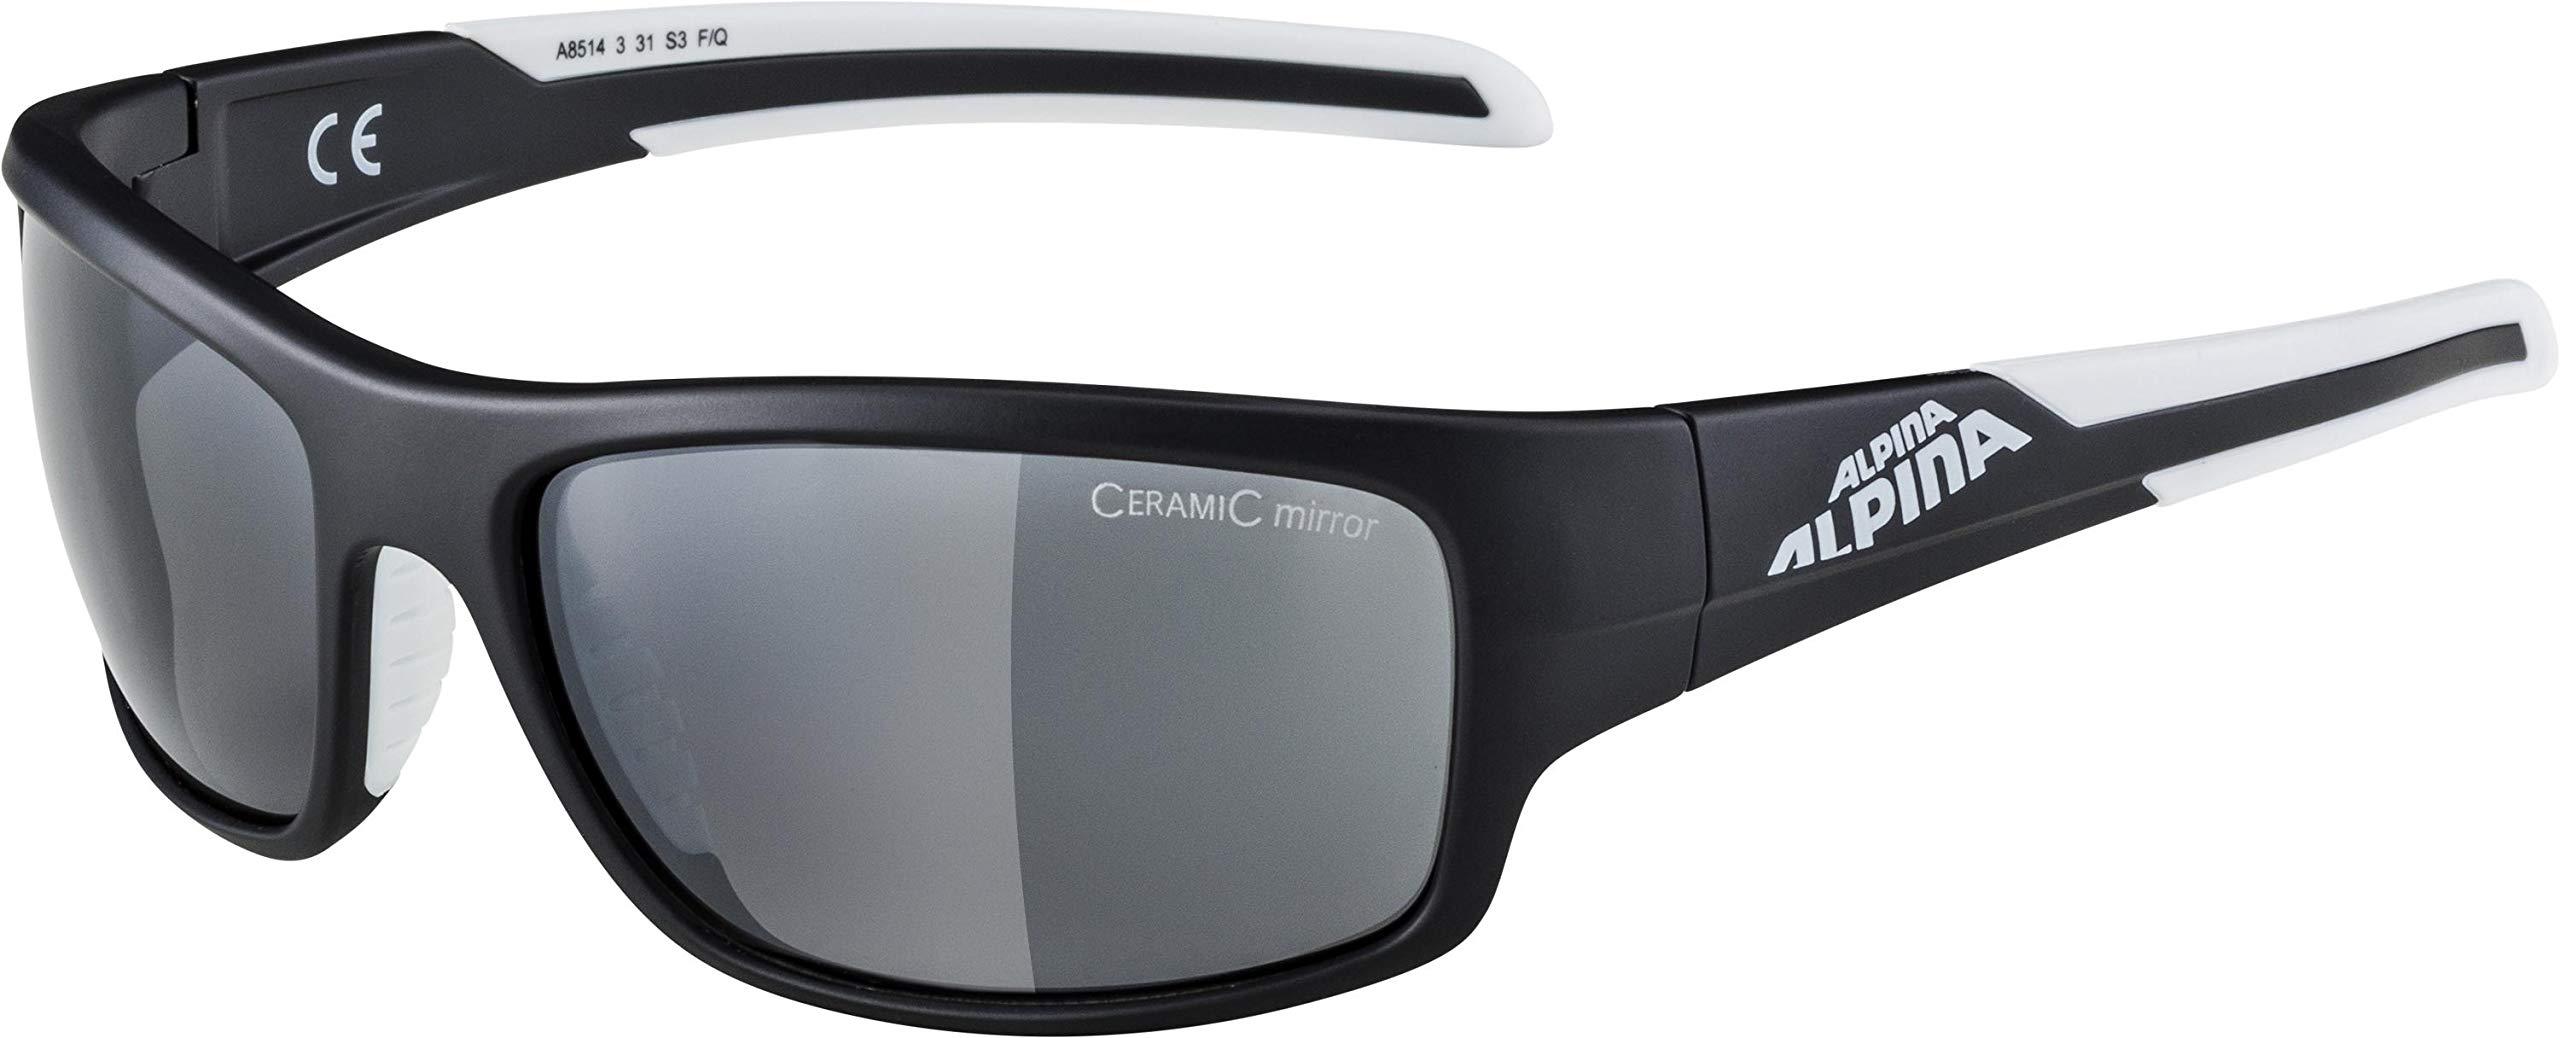 ALPINA Unisex - Erwachsene, TESTIDO Sportbrille, black-white matt, One size